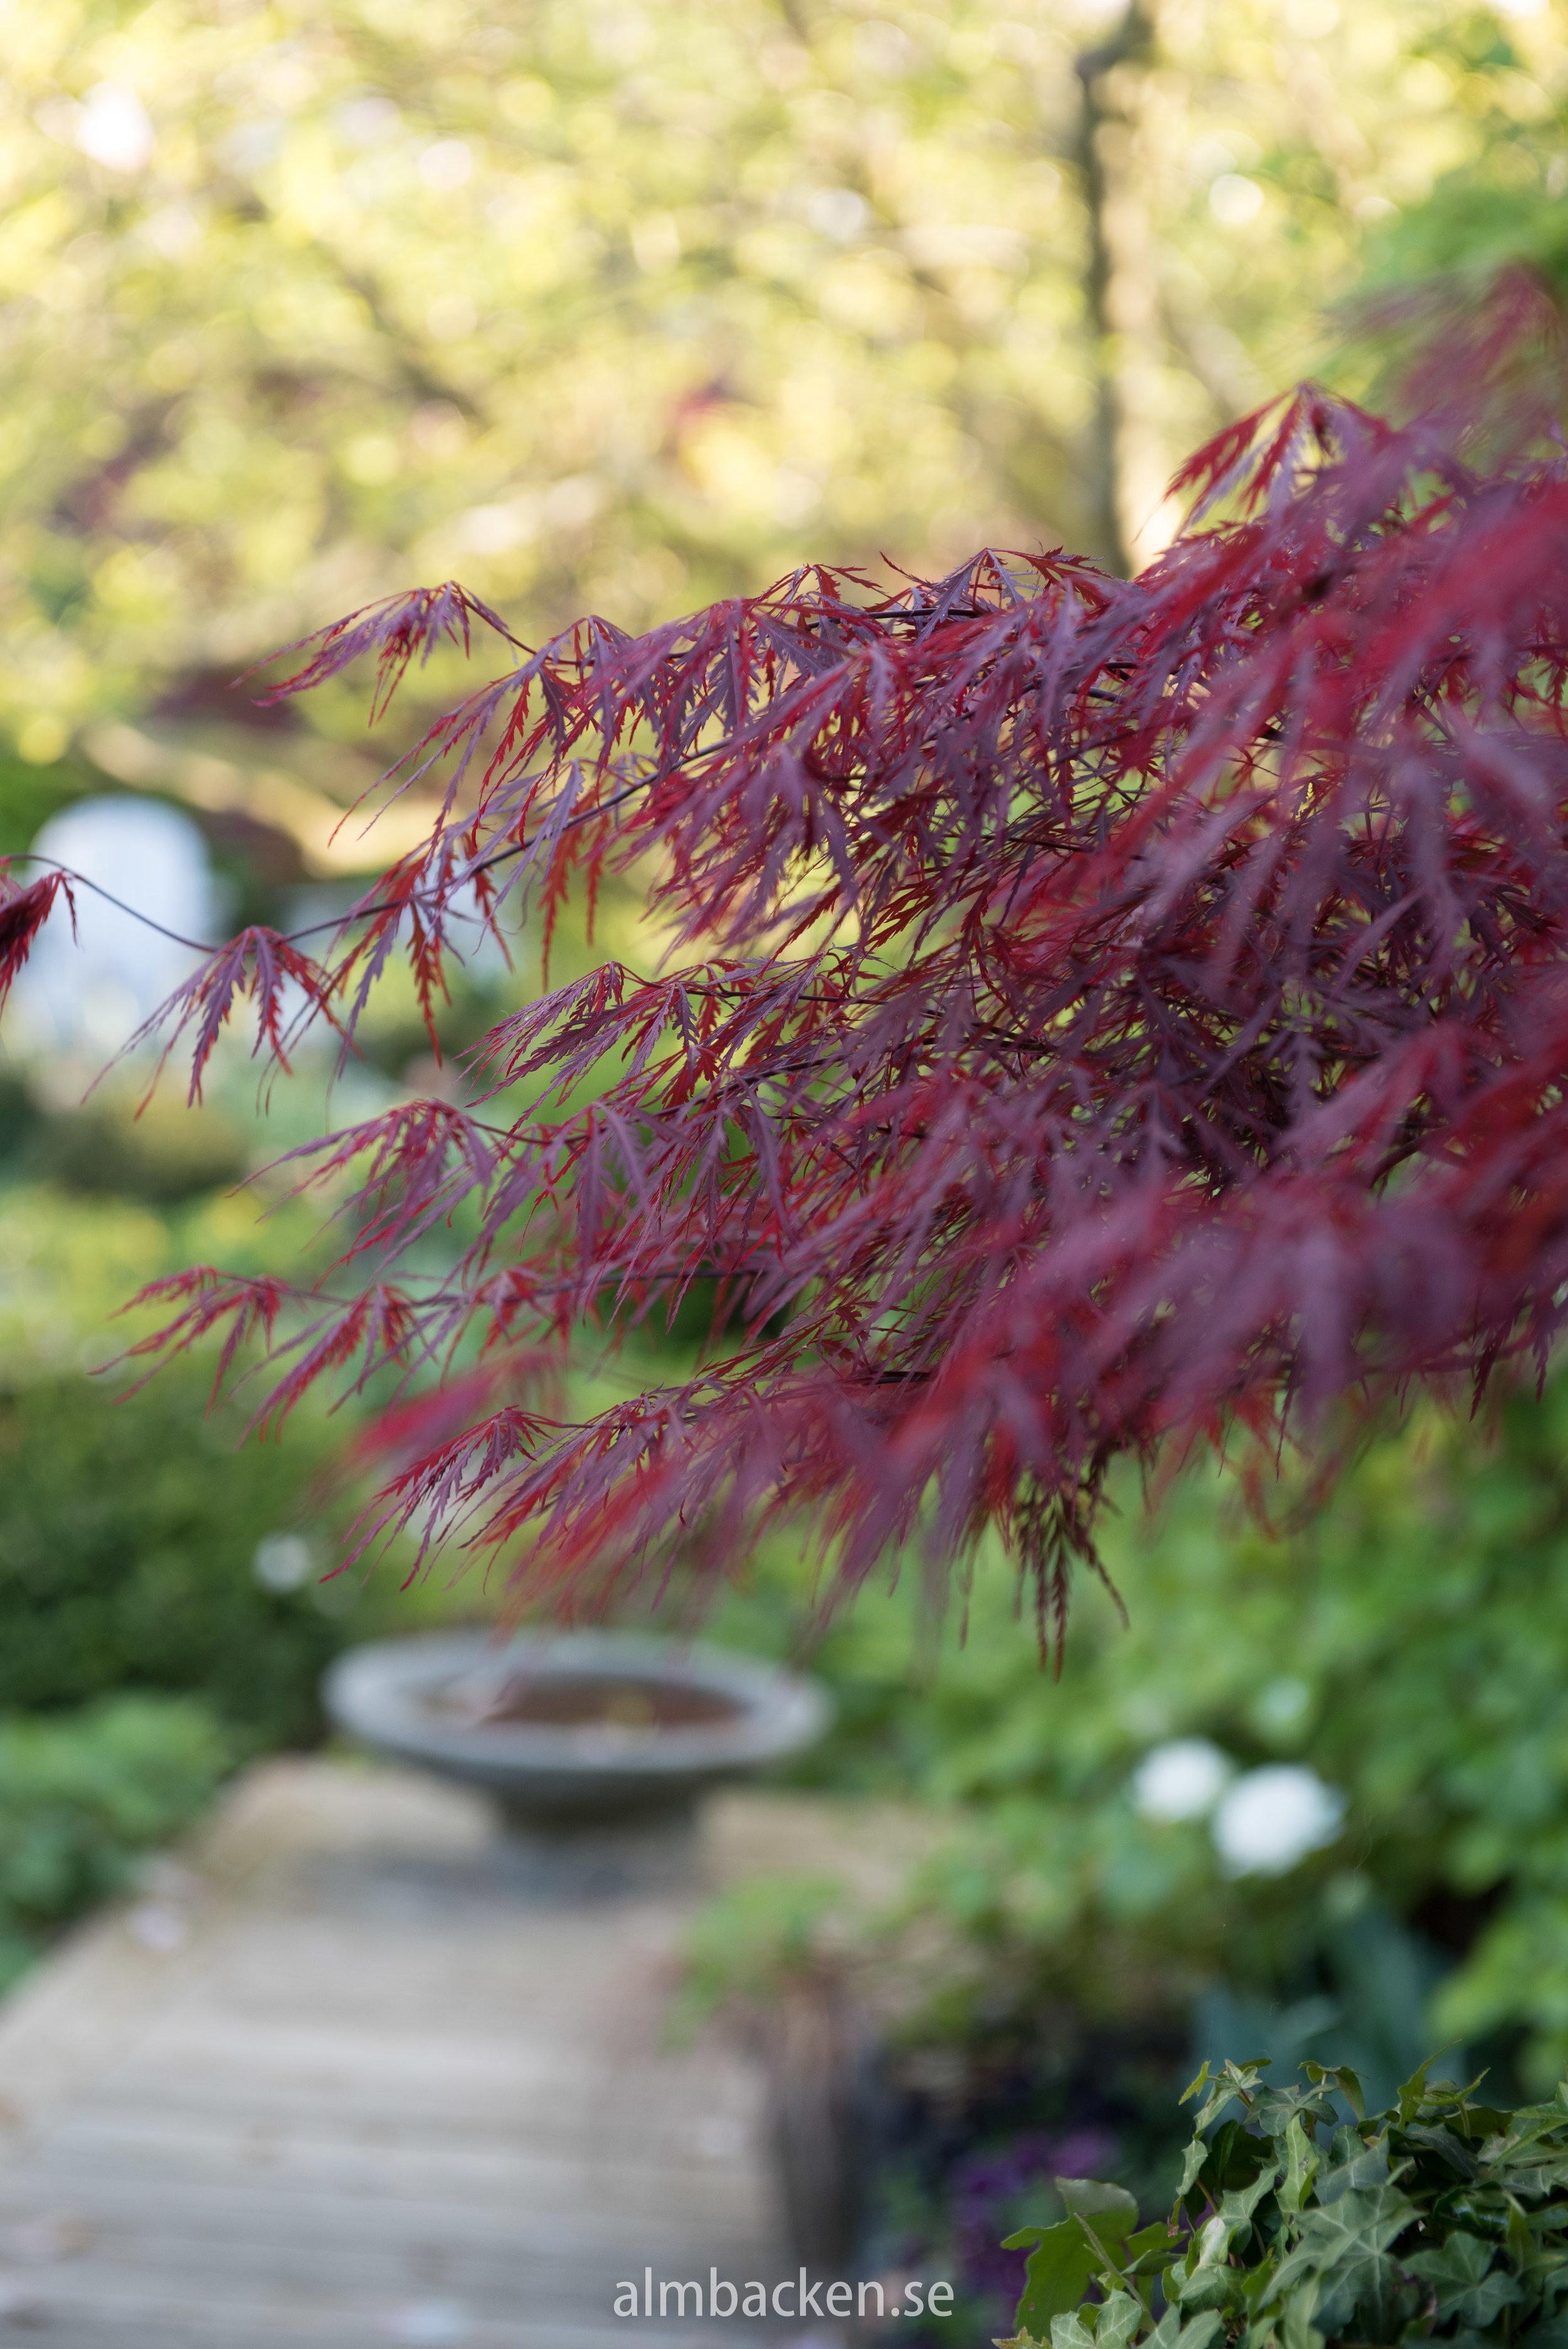 japansk-lonn-acer-palmatum-dissectum-garnet-krukor-almbacken-tradgardsdesign.jpg